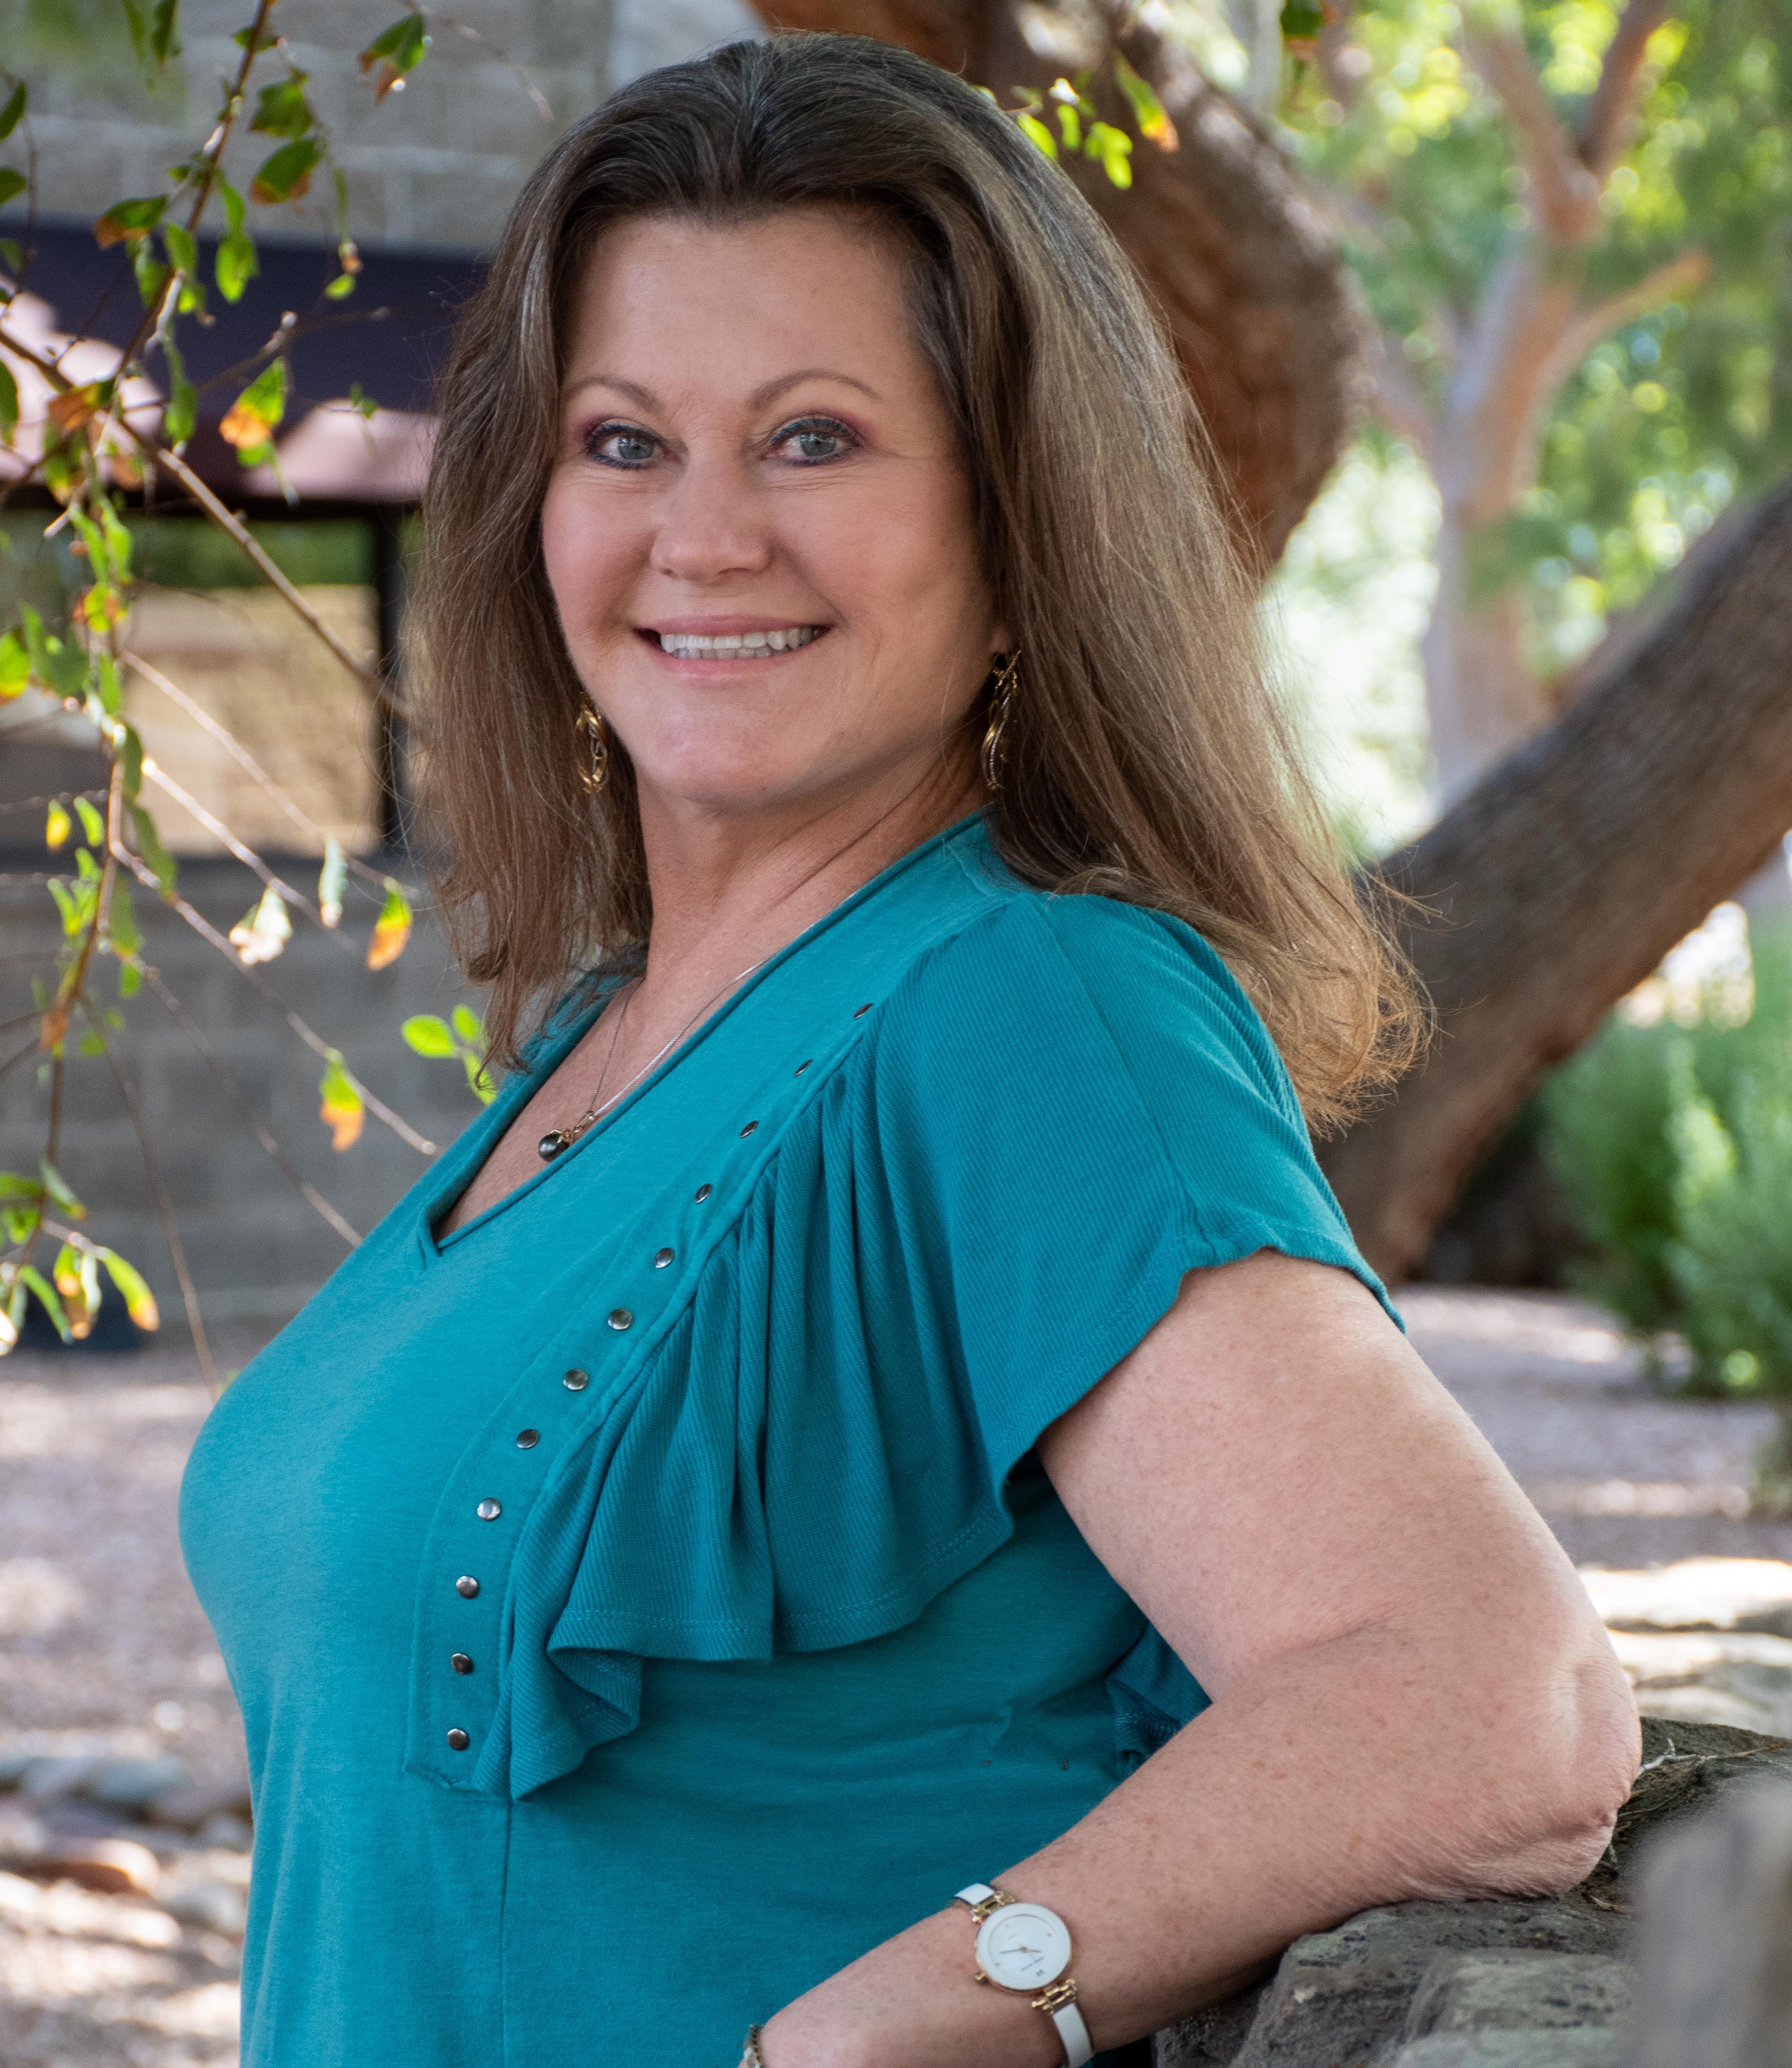 Brenda Ann Bruehl